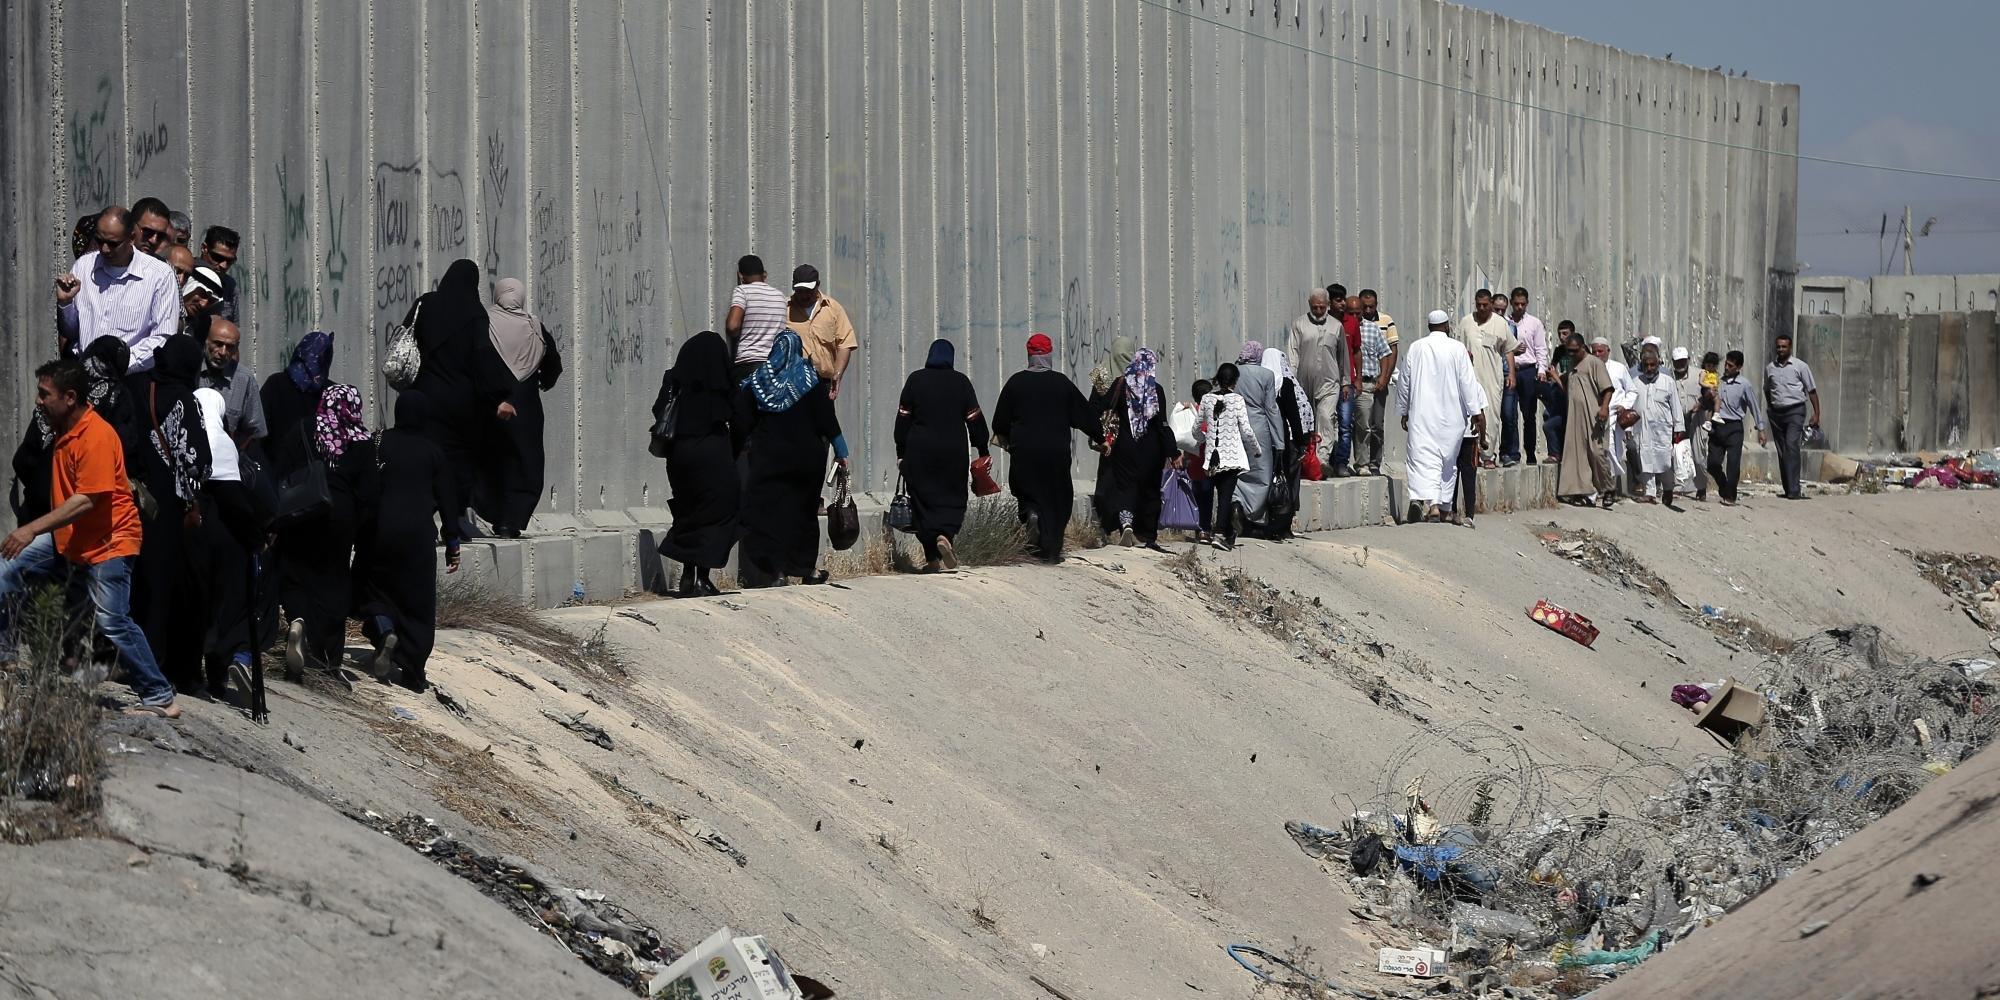 حكومة الاحتلال تقرر الانتهاء من بناء الجدار الأمني سريعًا